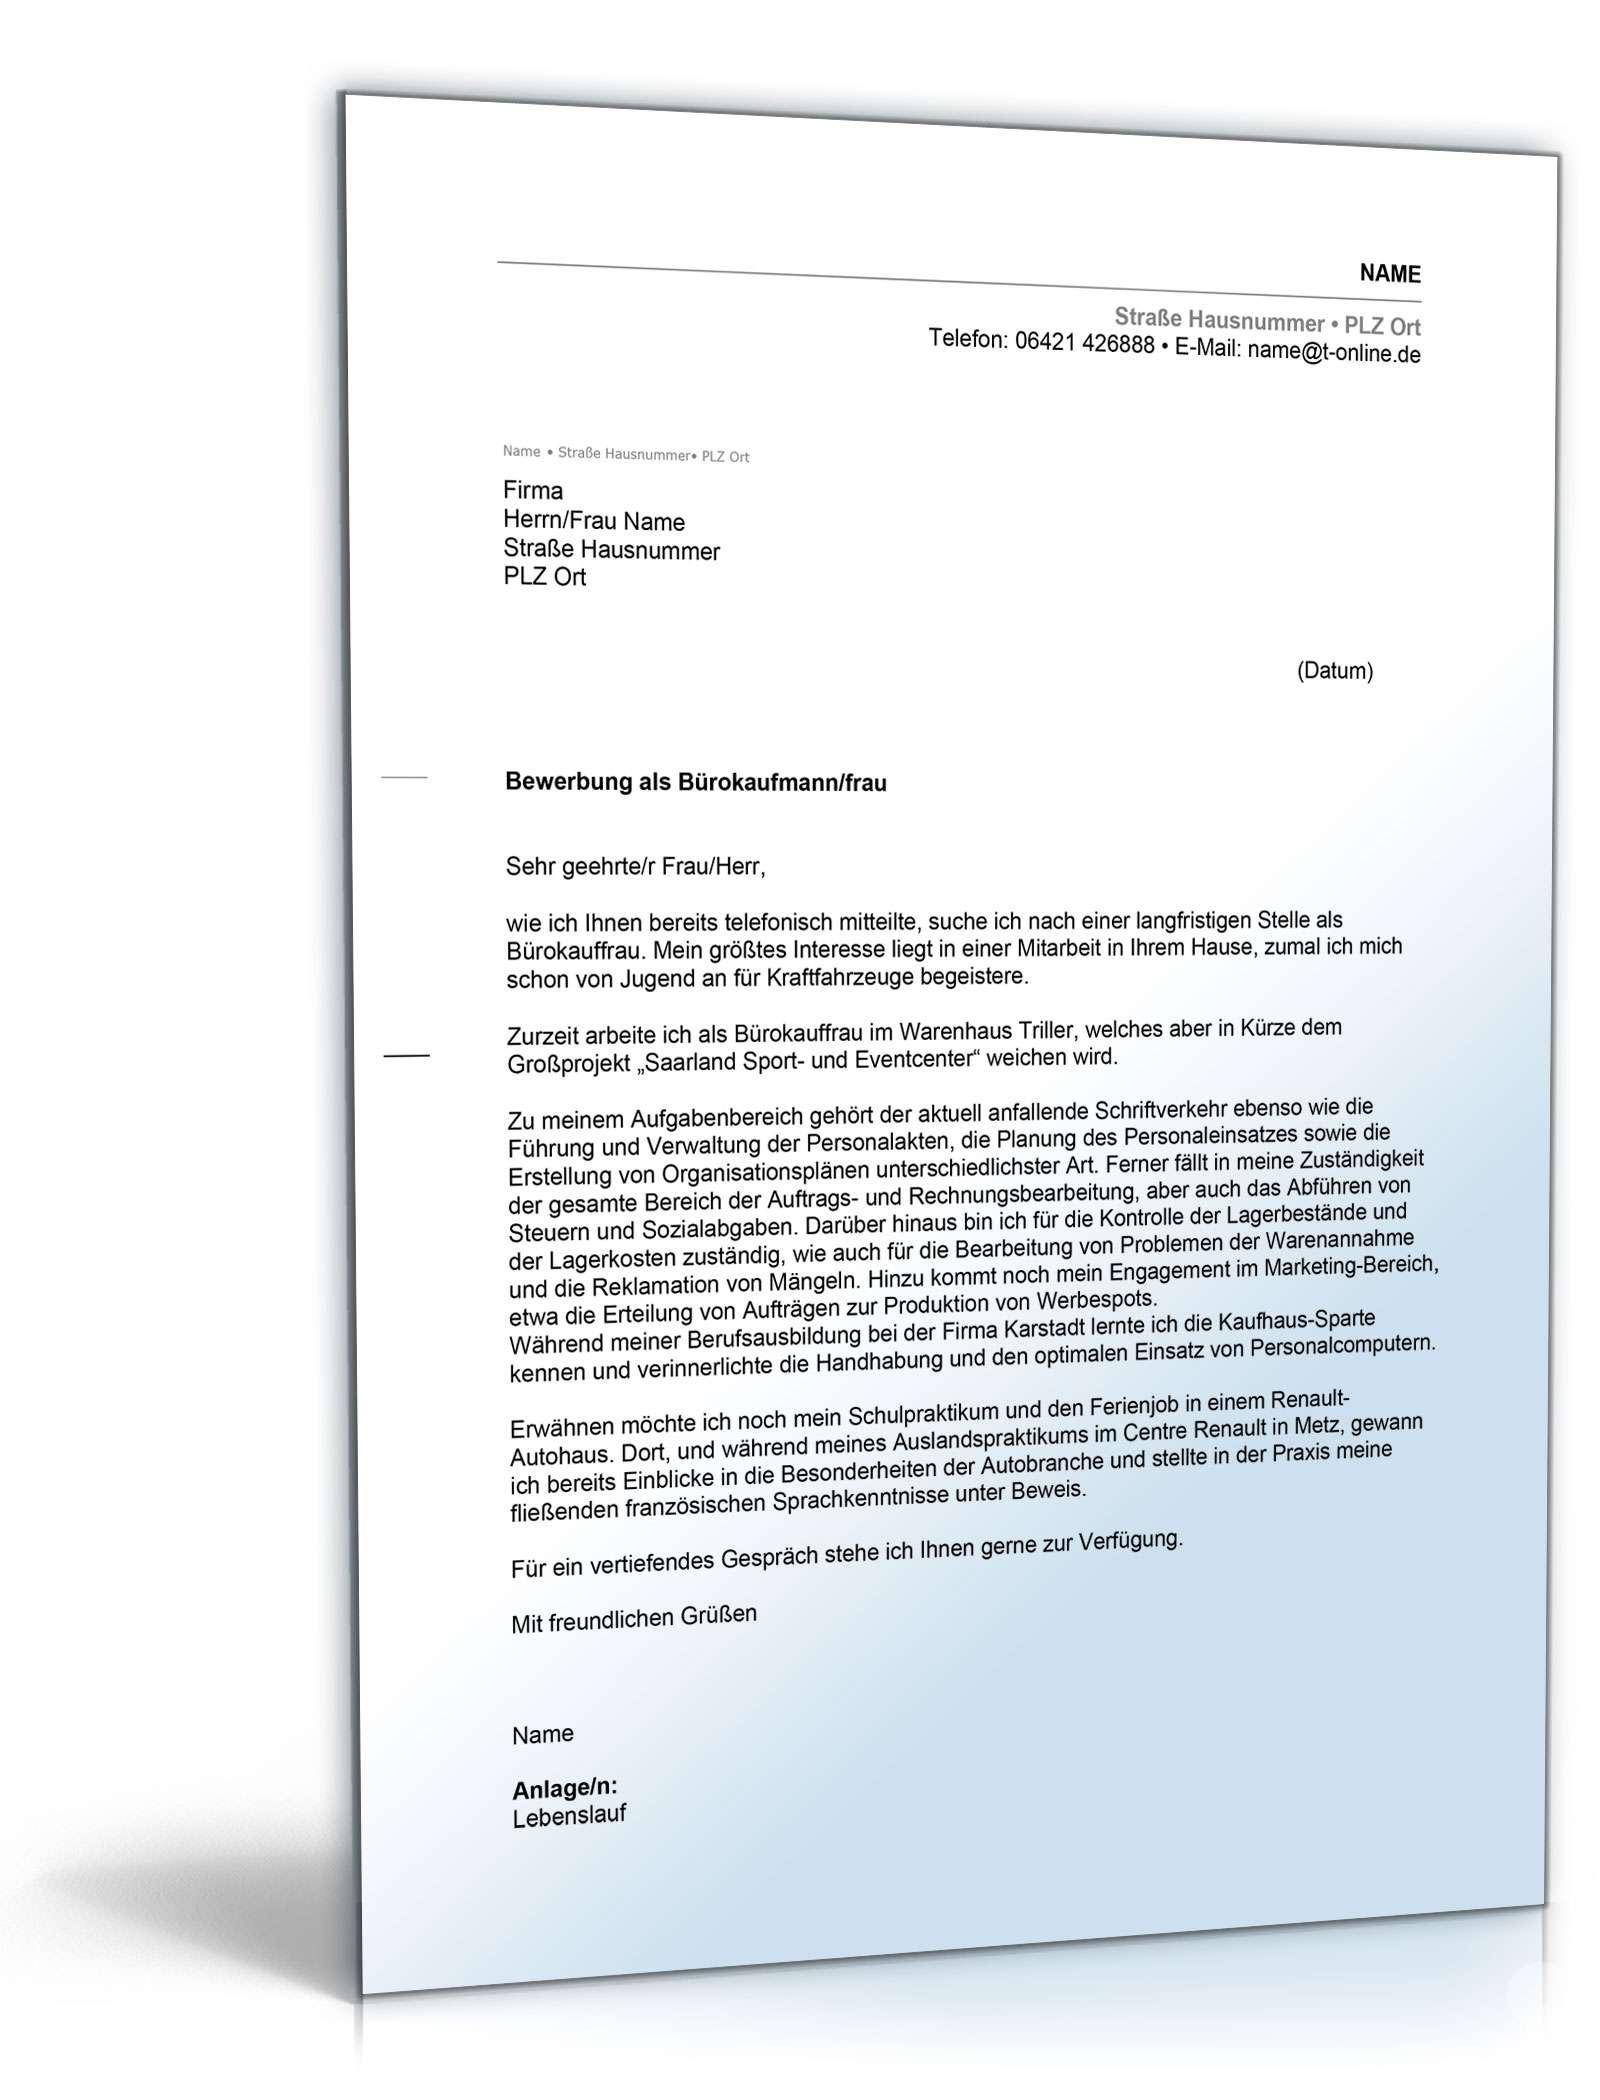 Anschreiben Bewerbung Bürokauffrau | Muster zum Download